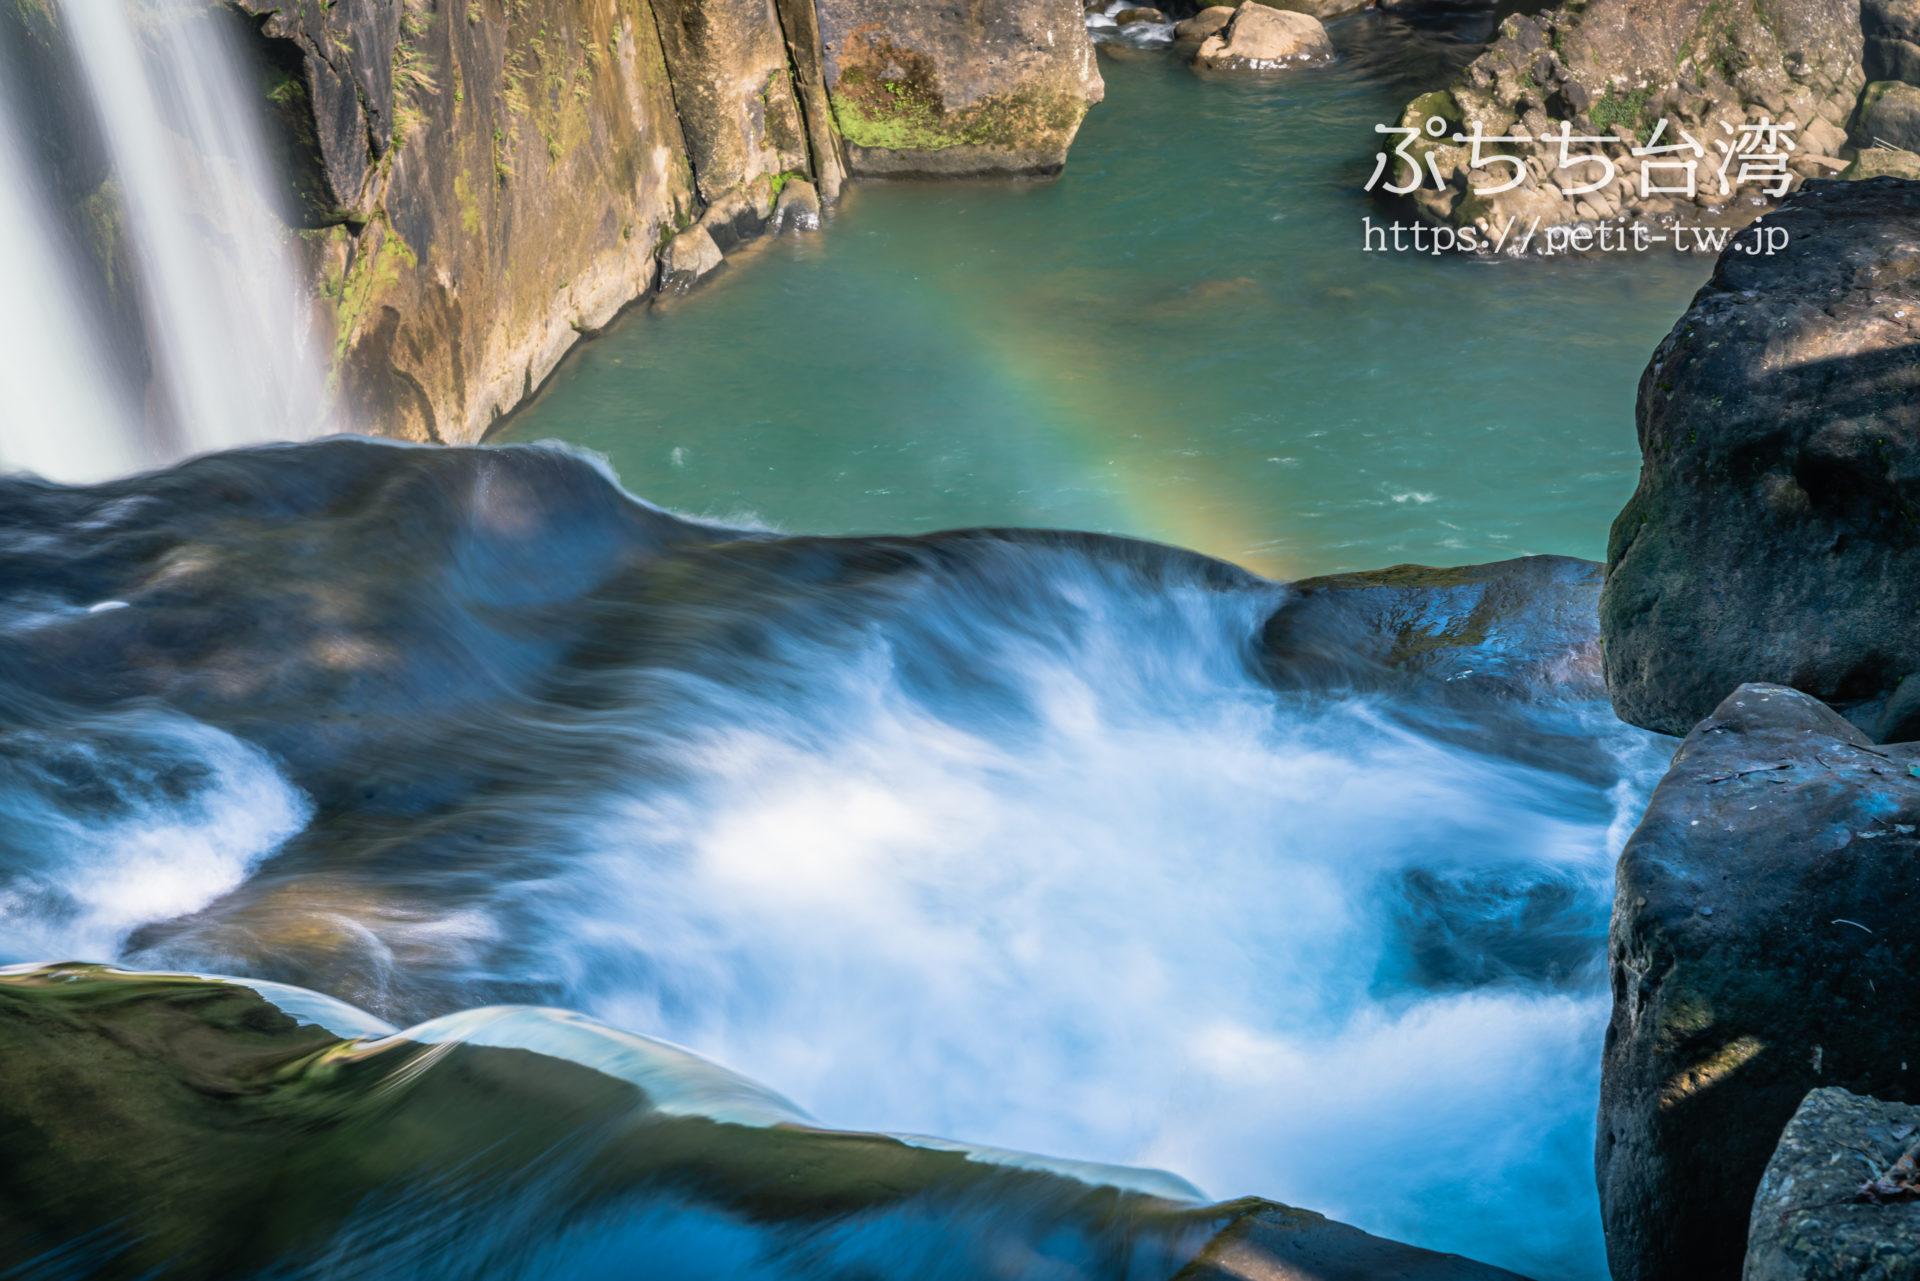 十分瀑布の虹